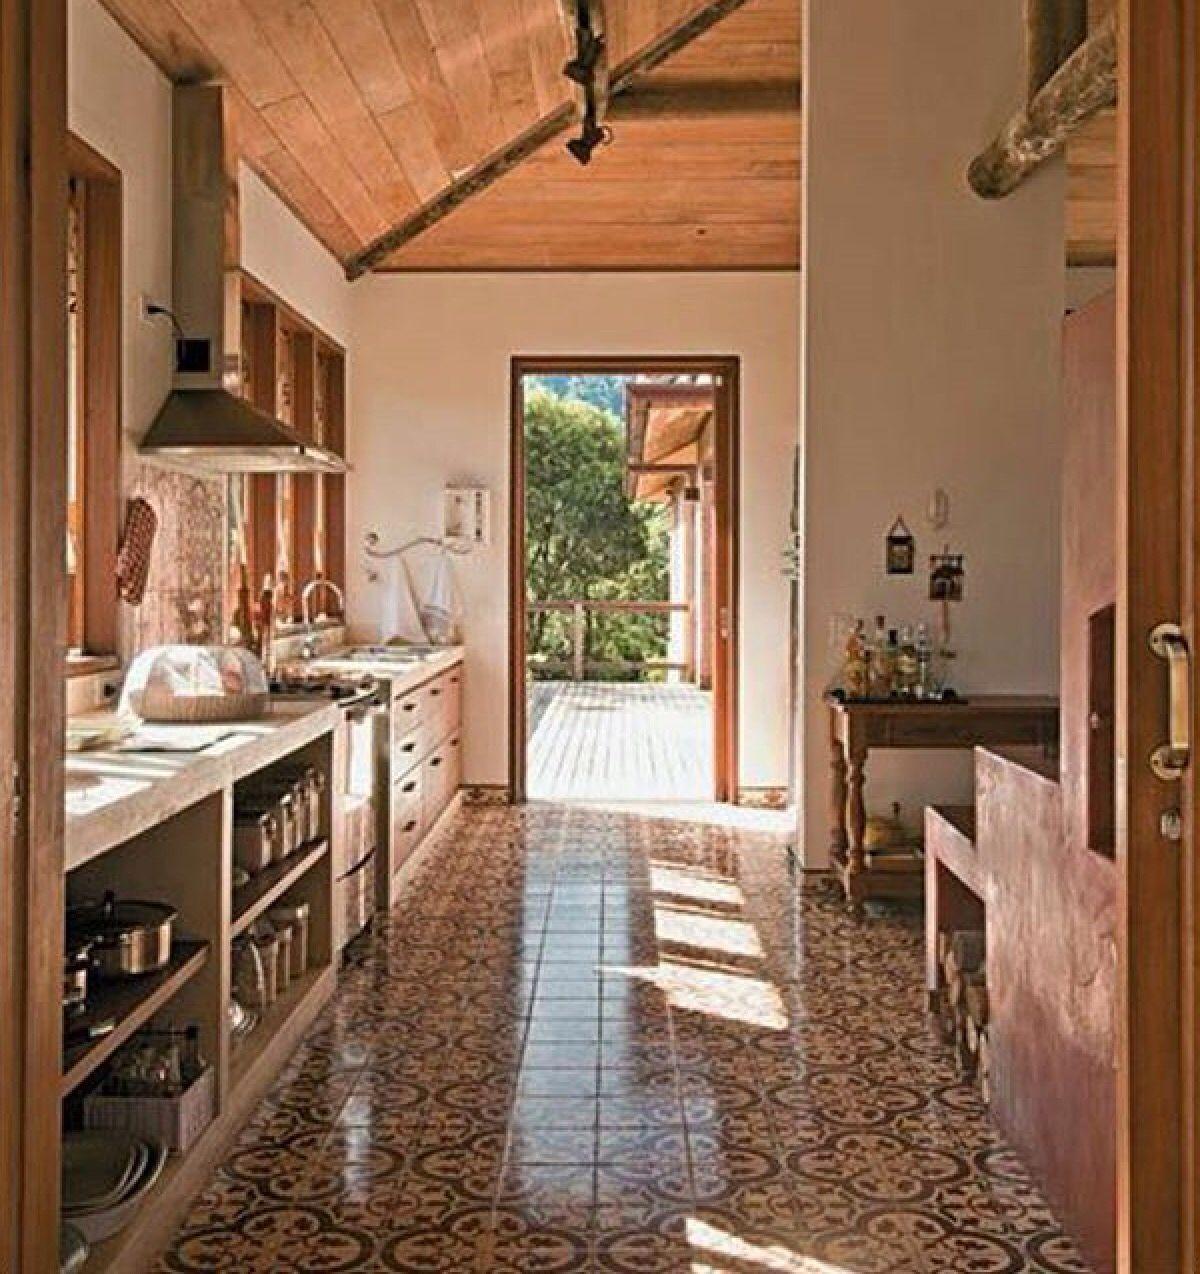 Cocina | Decoracion/ Deco | Pinterest | Cocinas, Casas y Campo